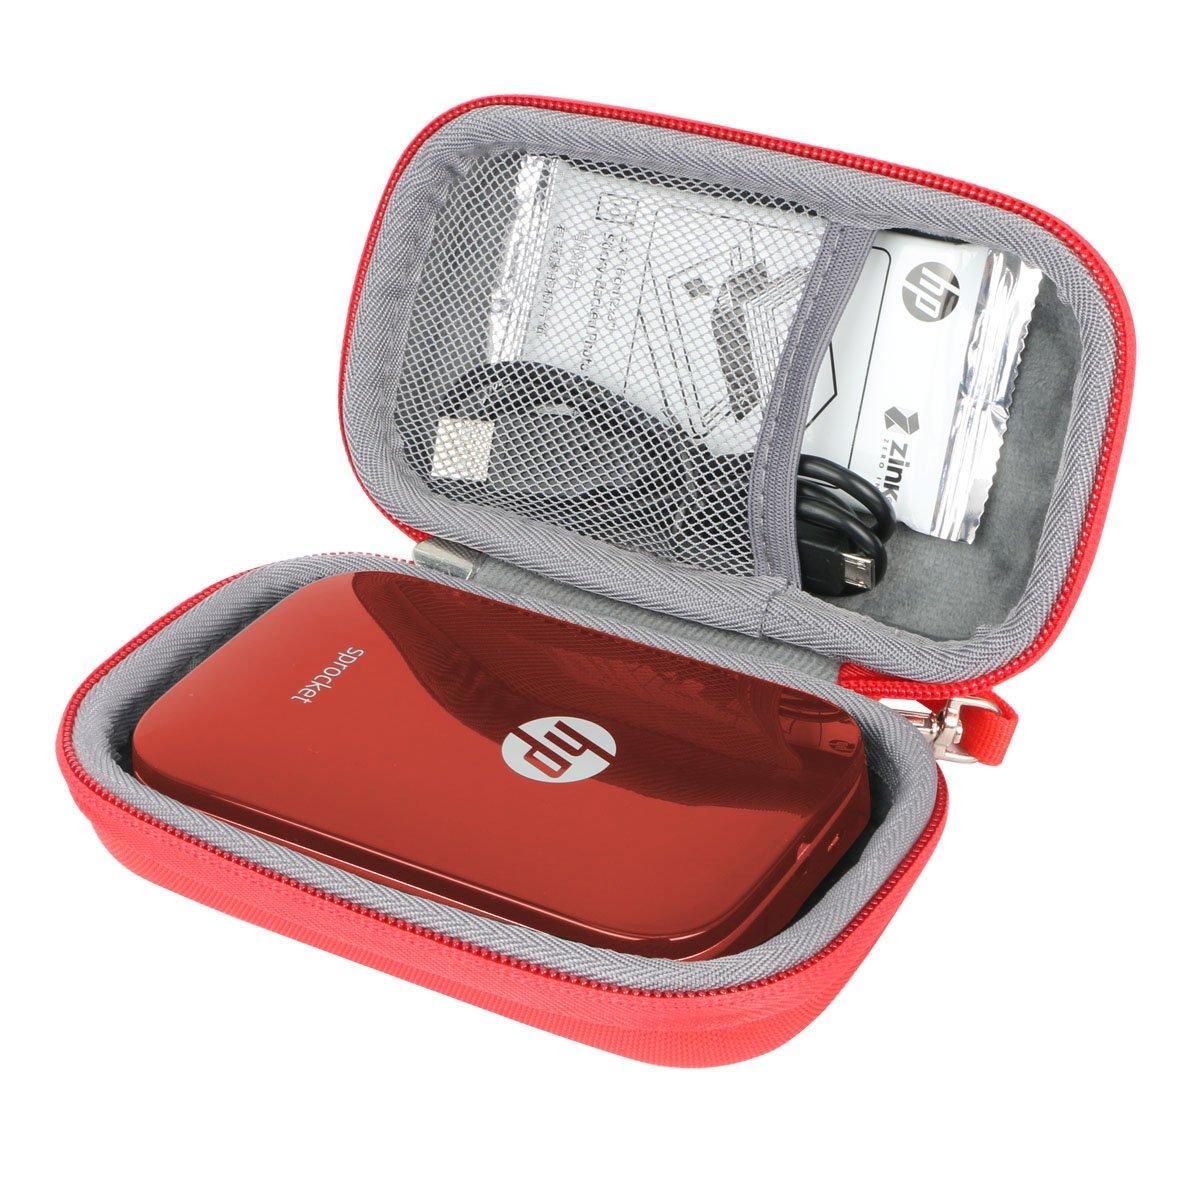 Duro Viajar Caso Cubrir para HP Sprocket - Impresora fotográfica portátil por co2CREA (Rojo)